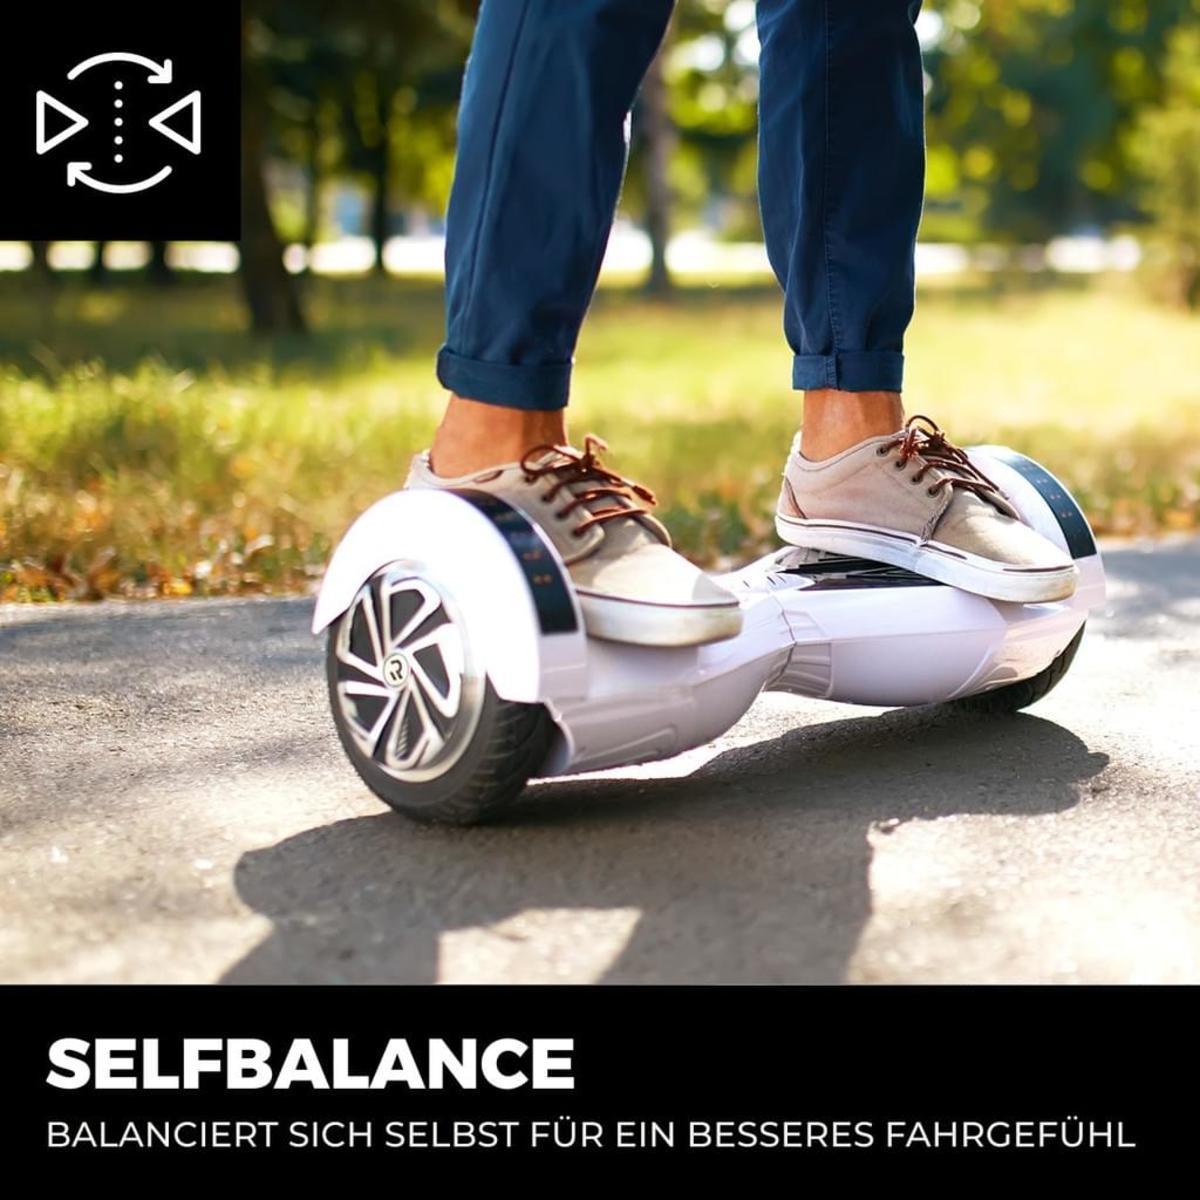 Bild 4 von Hoverboard ROBWAY W2 E-Balance Scooter Elektro Roller Smart Self Balance App (Schwarz Matt)